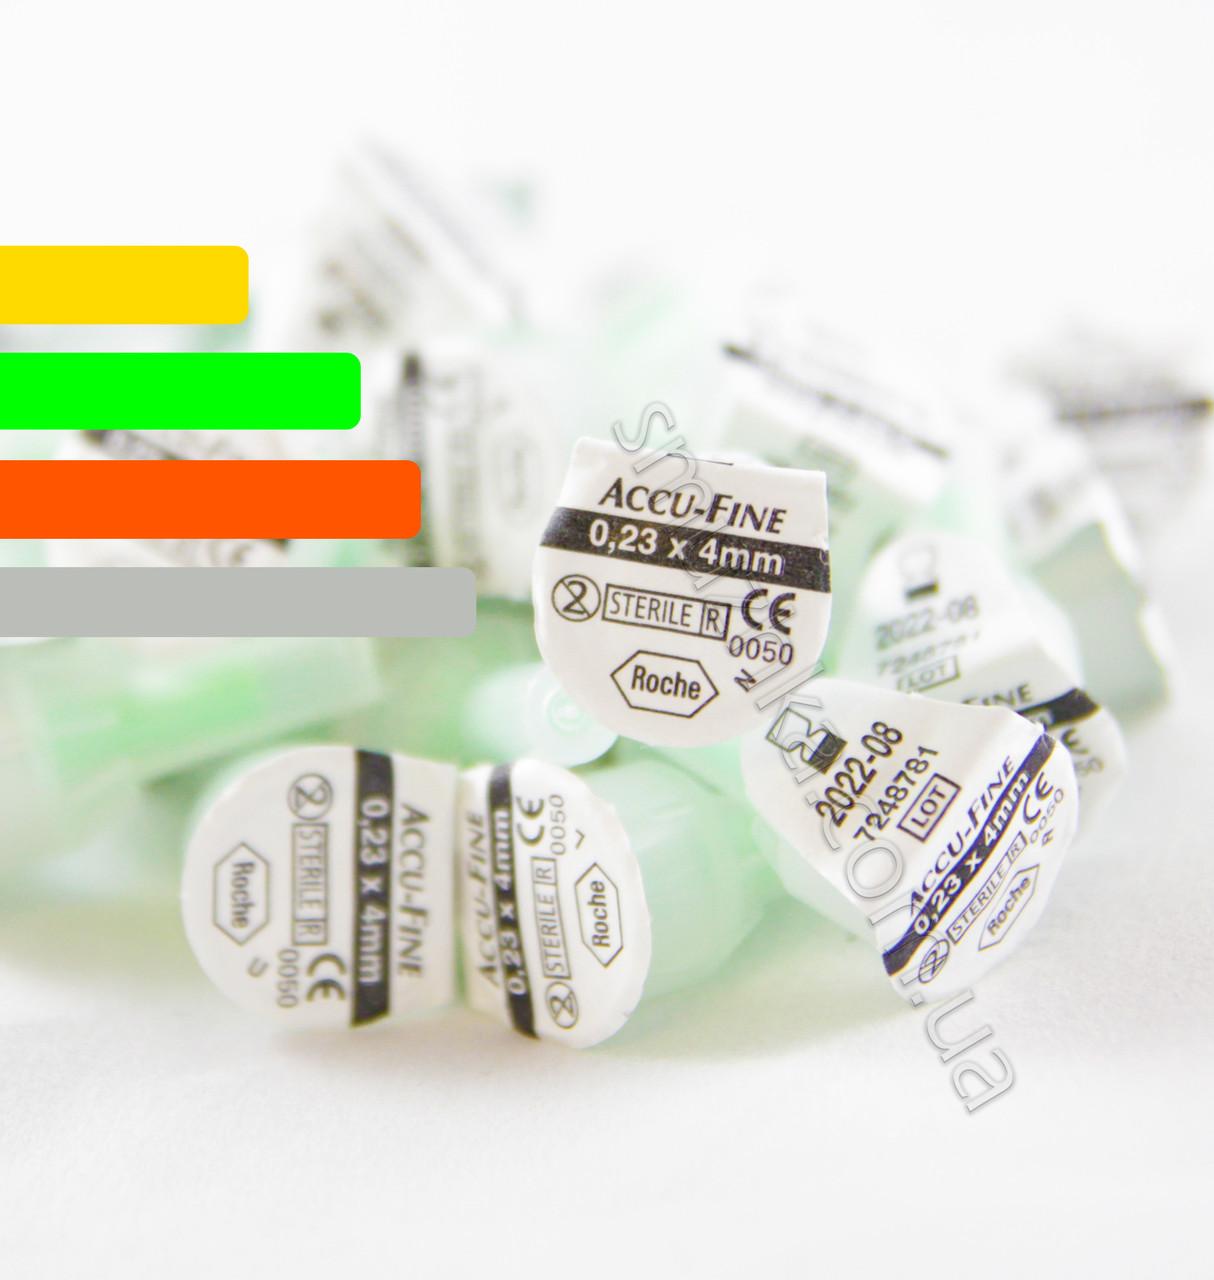 Поштучно иглы Акку-файн Accu-Fine 4mm 32G  для инсулиновых ручек